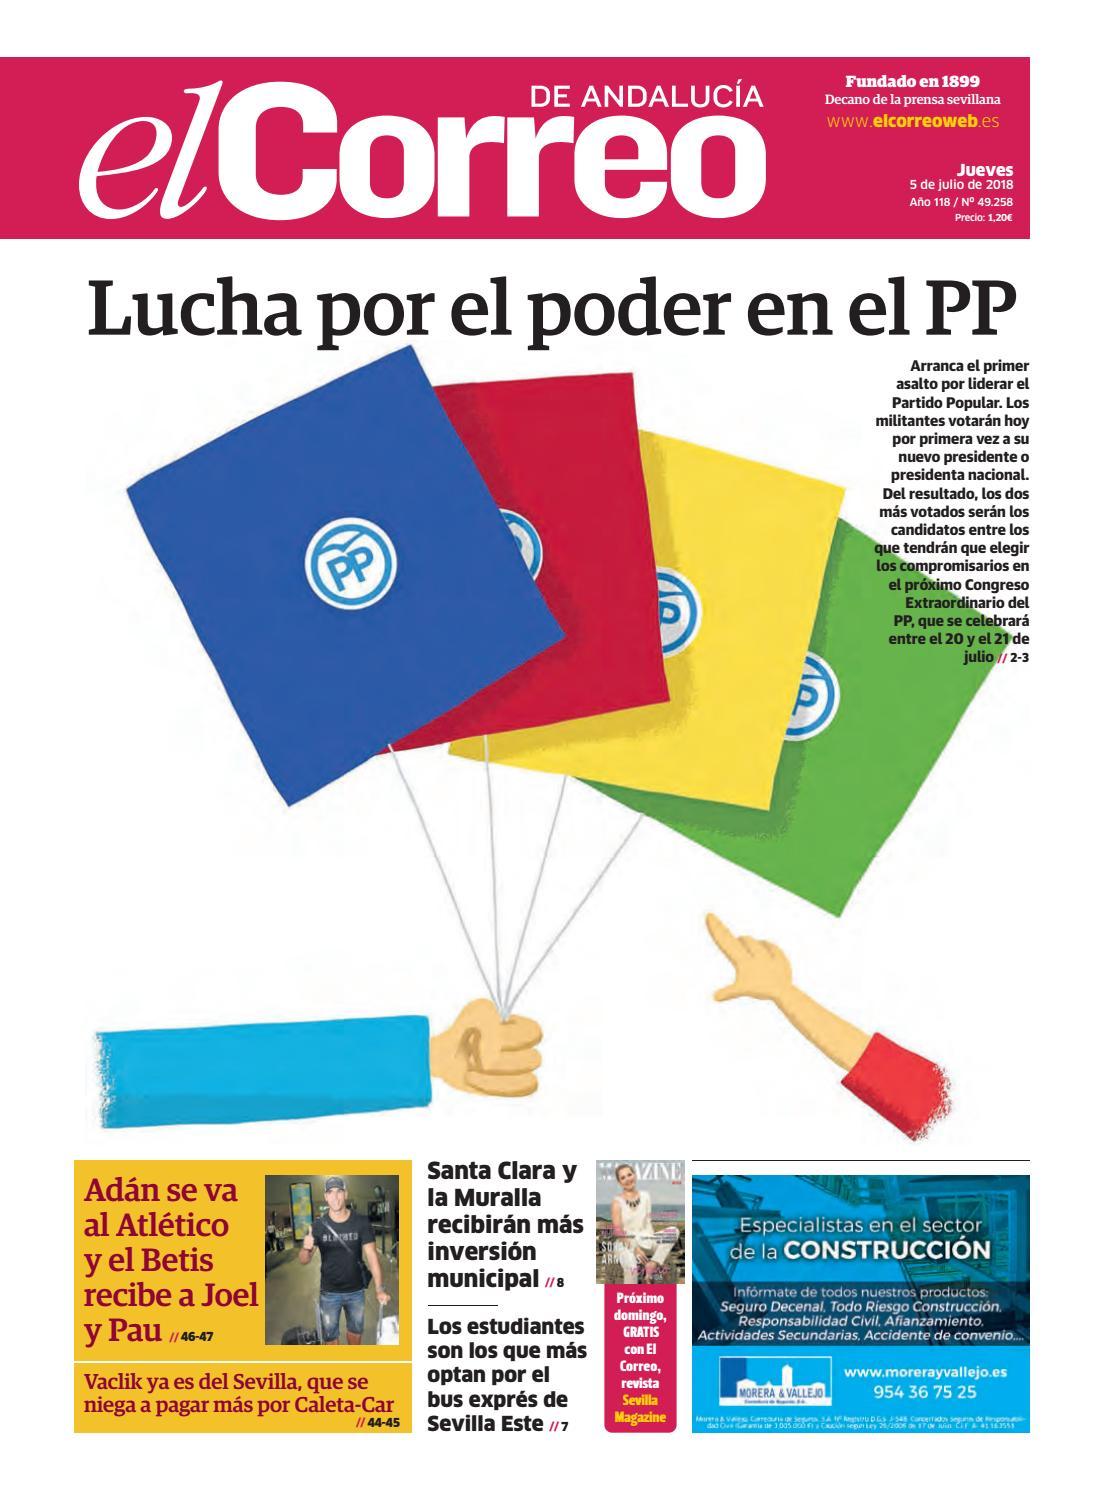 6f0ce611fee1 05.07.2018 El Correo de Andalucía by EL CORREO DE ANDALUCÍA S.L. - issuu